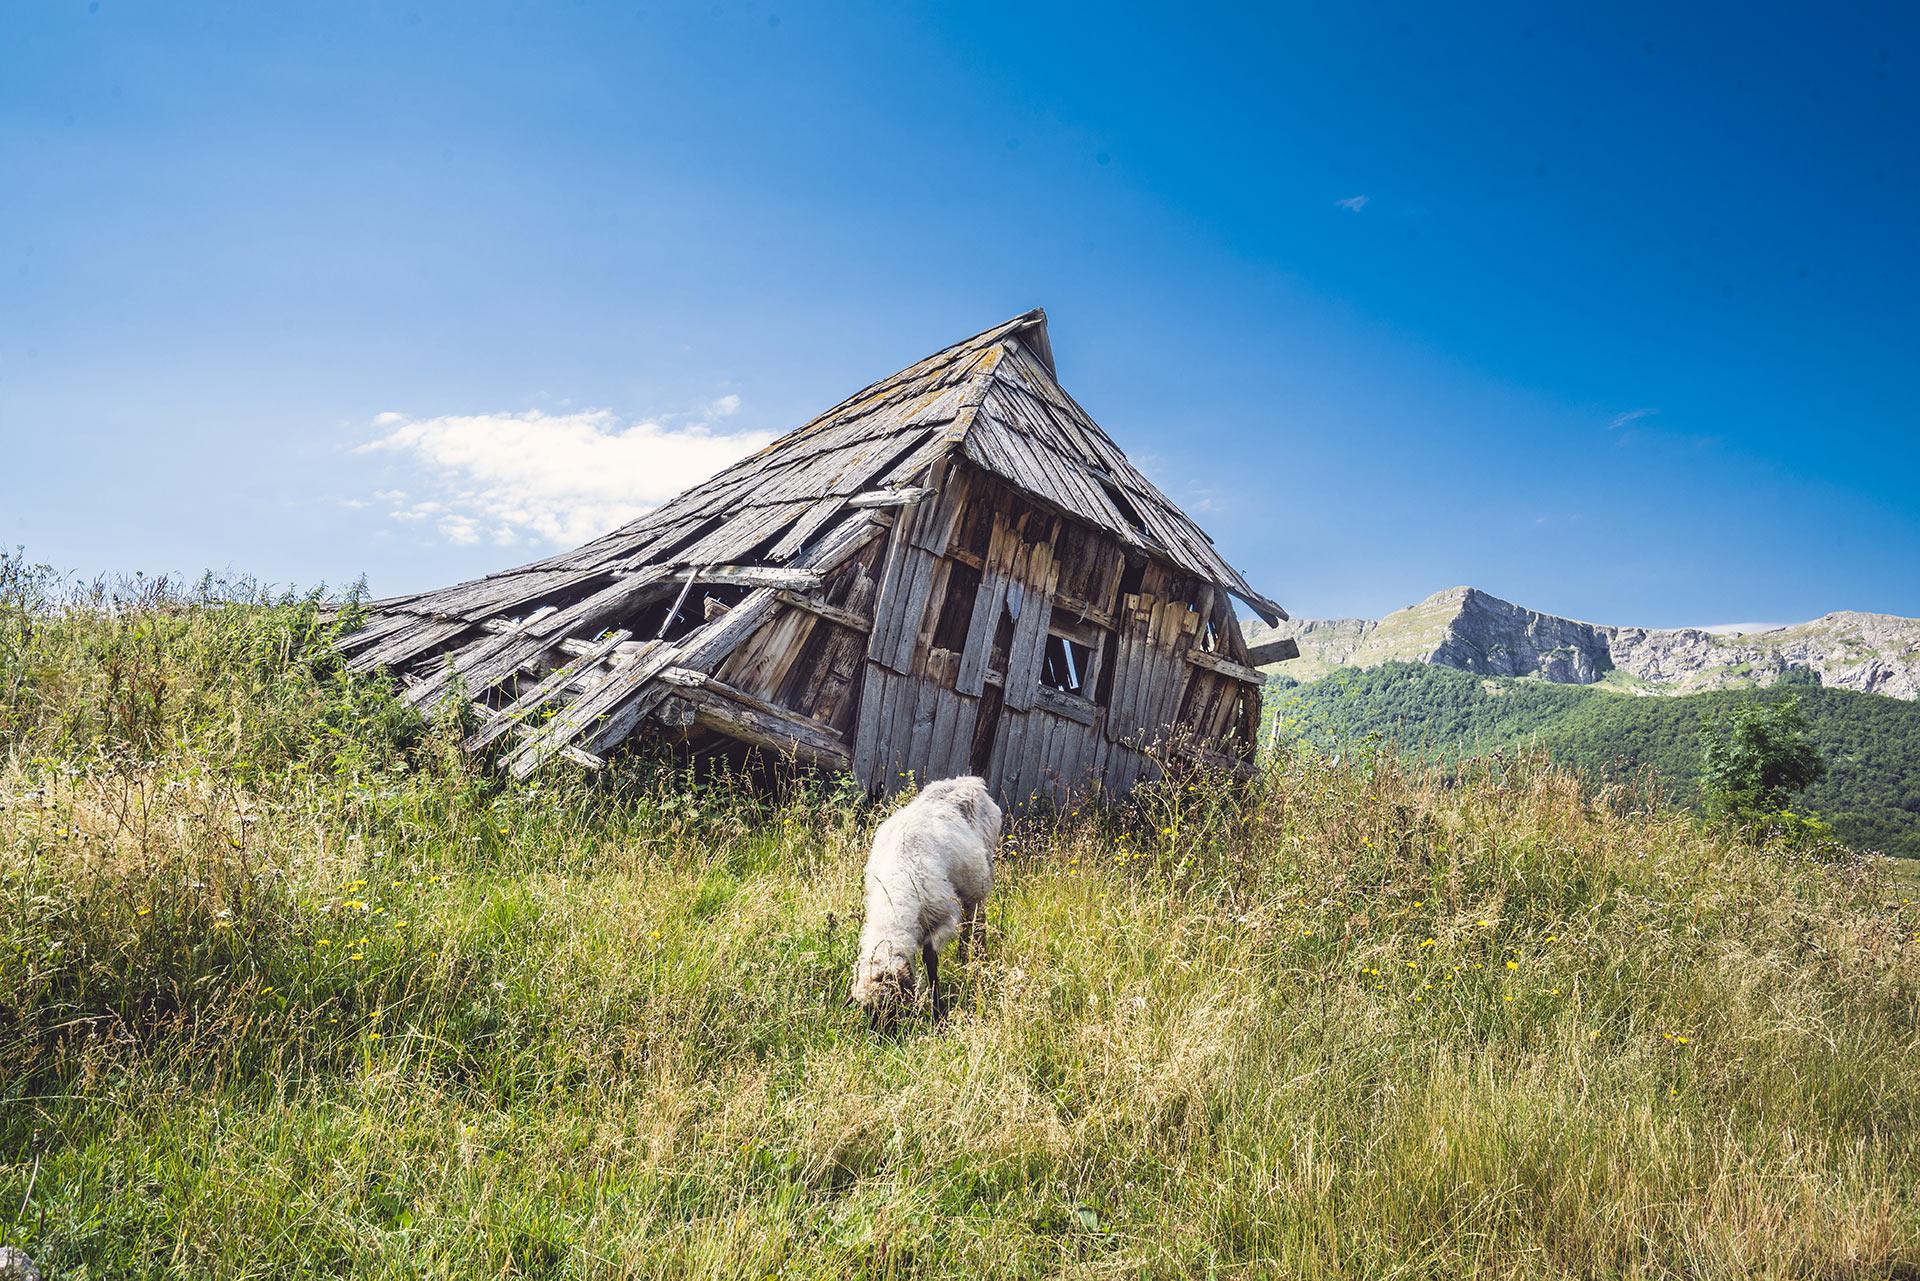 Sheep grazing in front of a katun in Umoljani